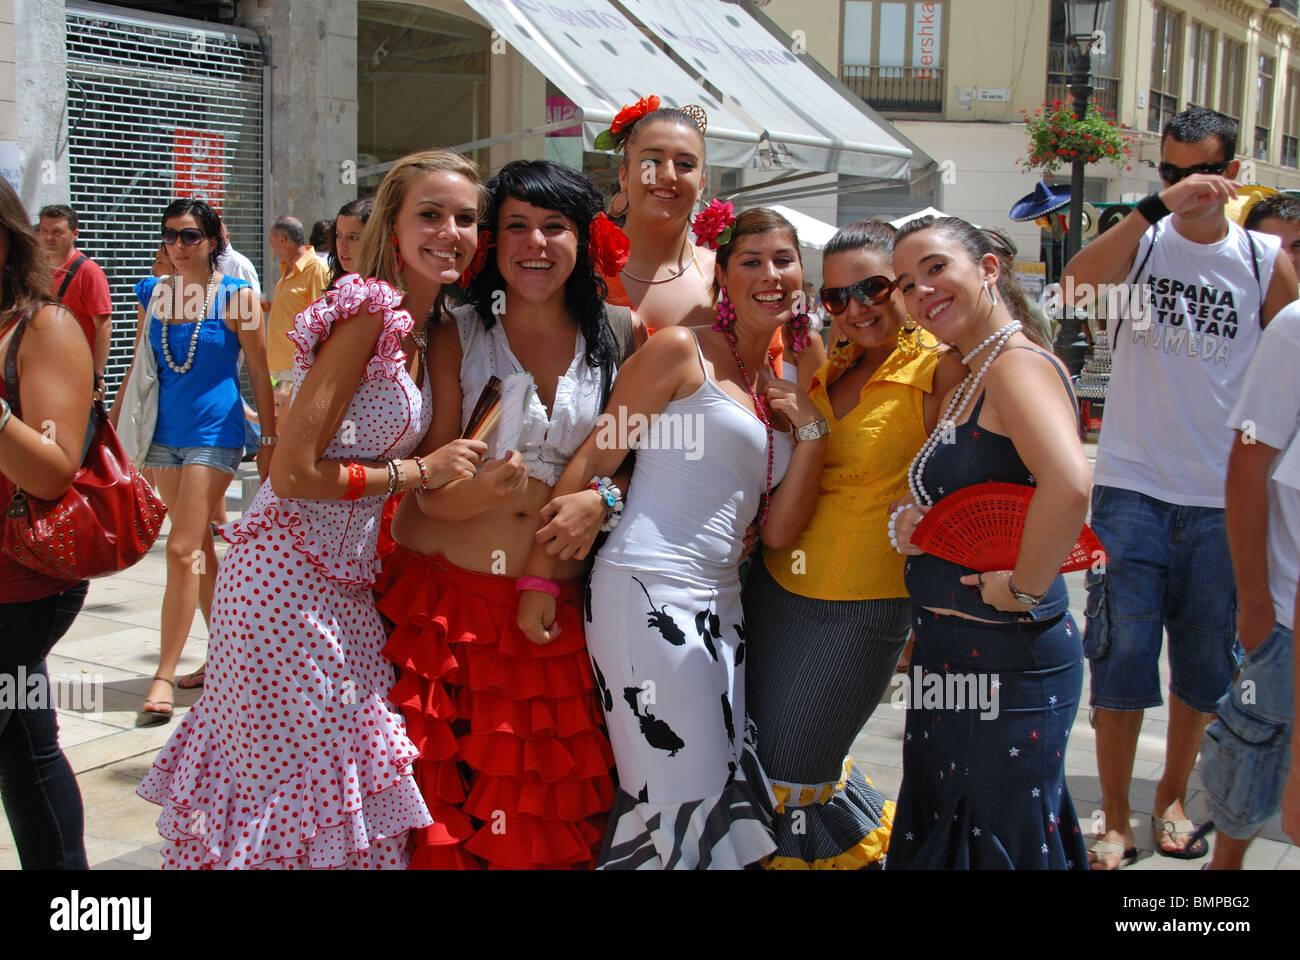 Damas en trajes de flamenca 9015794a79a